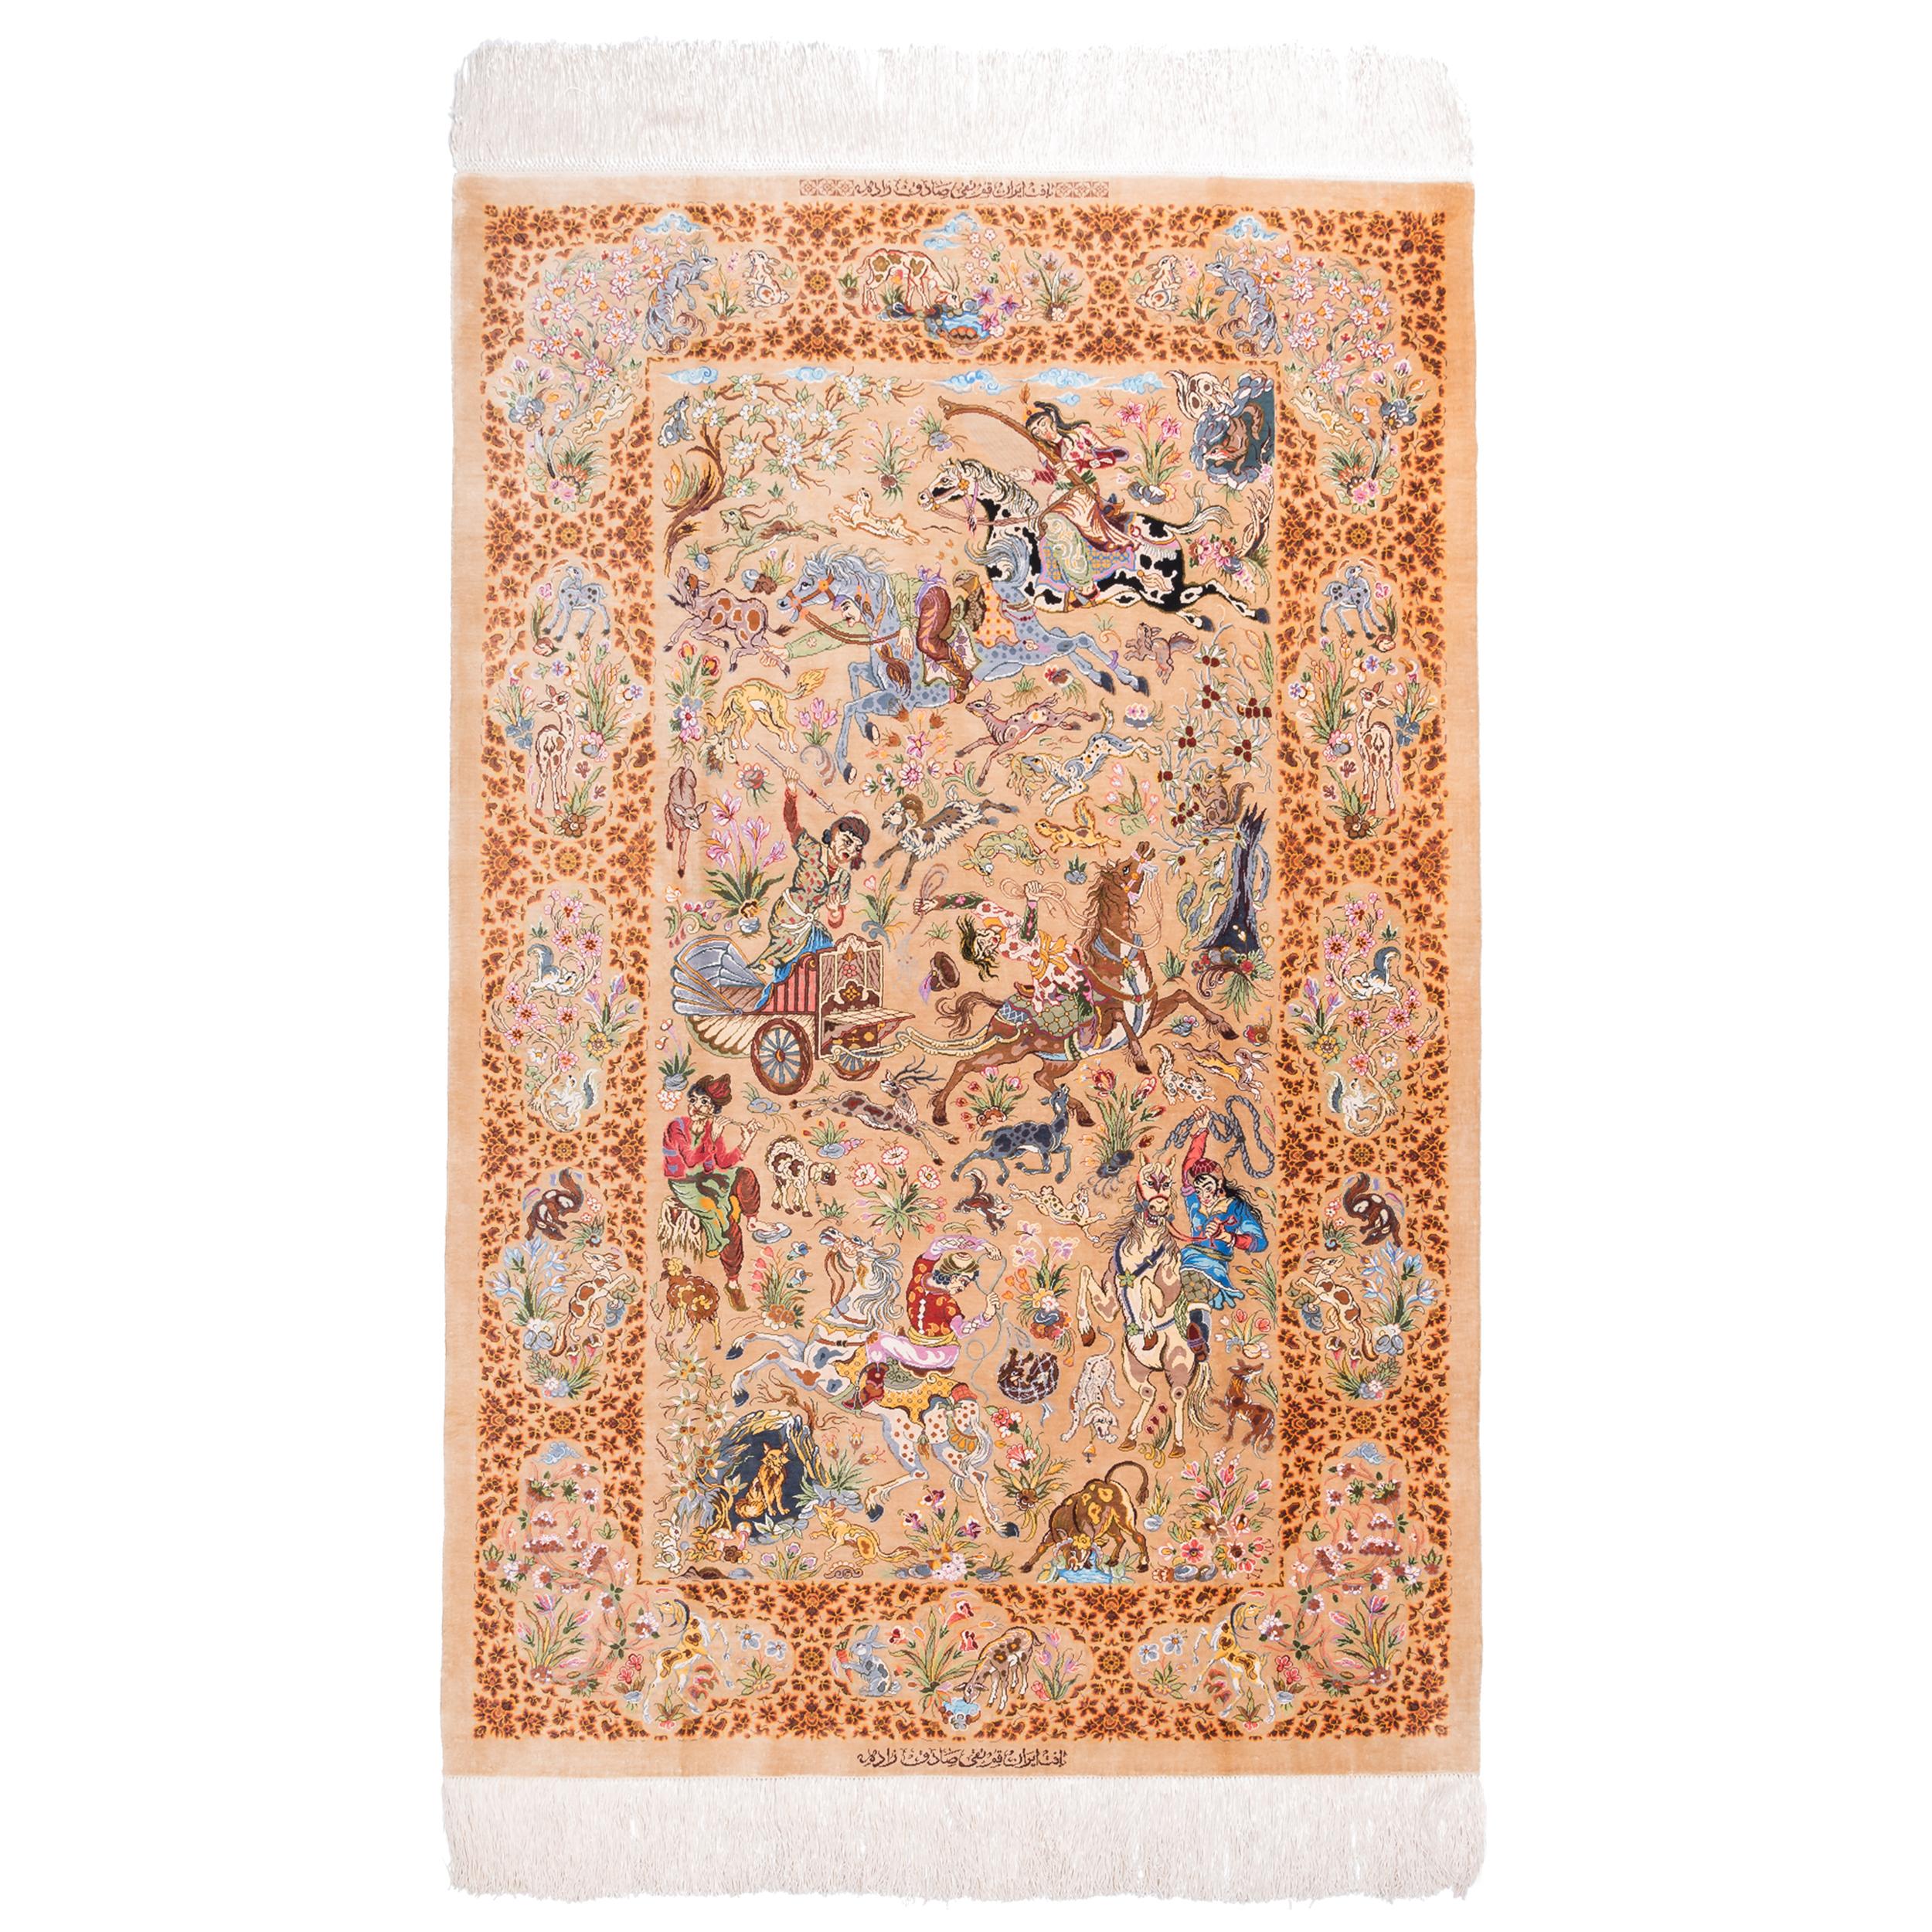 فرش دستبافت ذرع ونیم سی پرشیا کد 161086